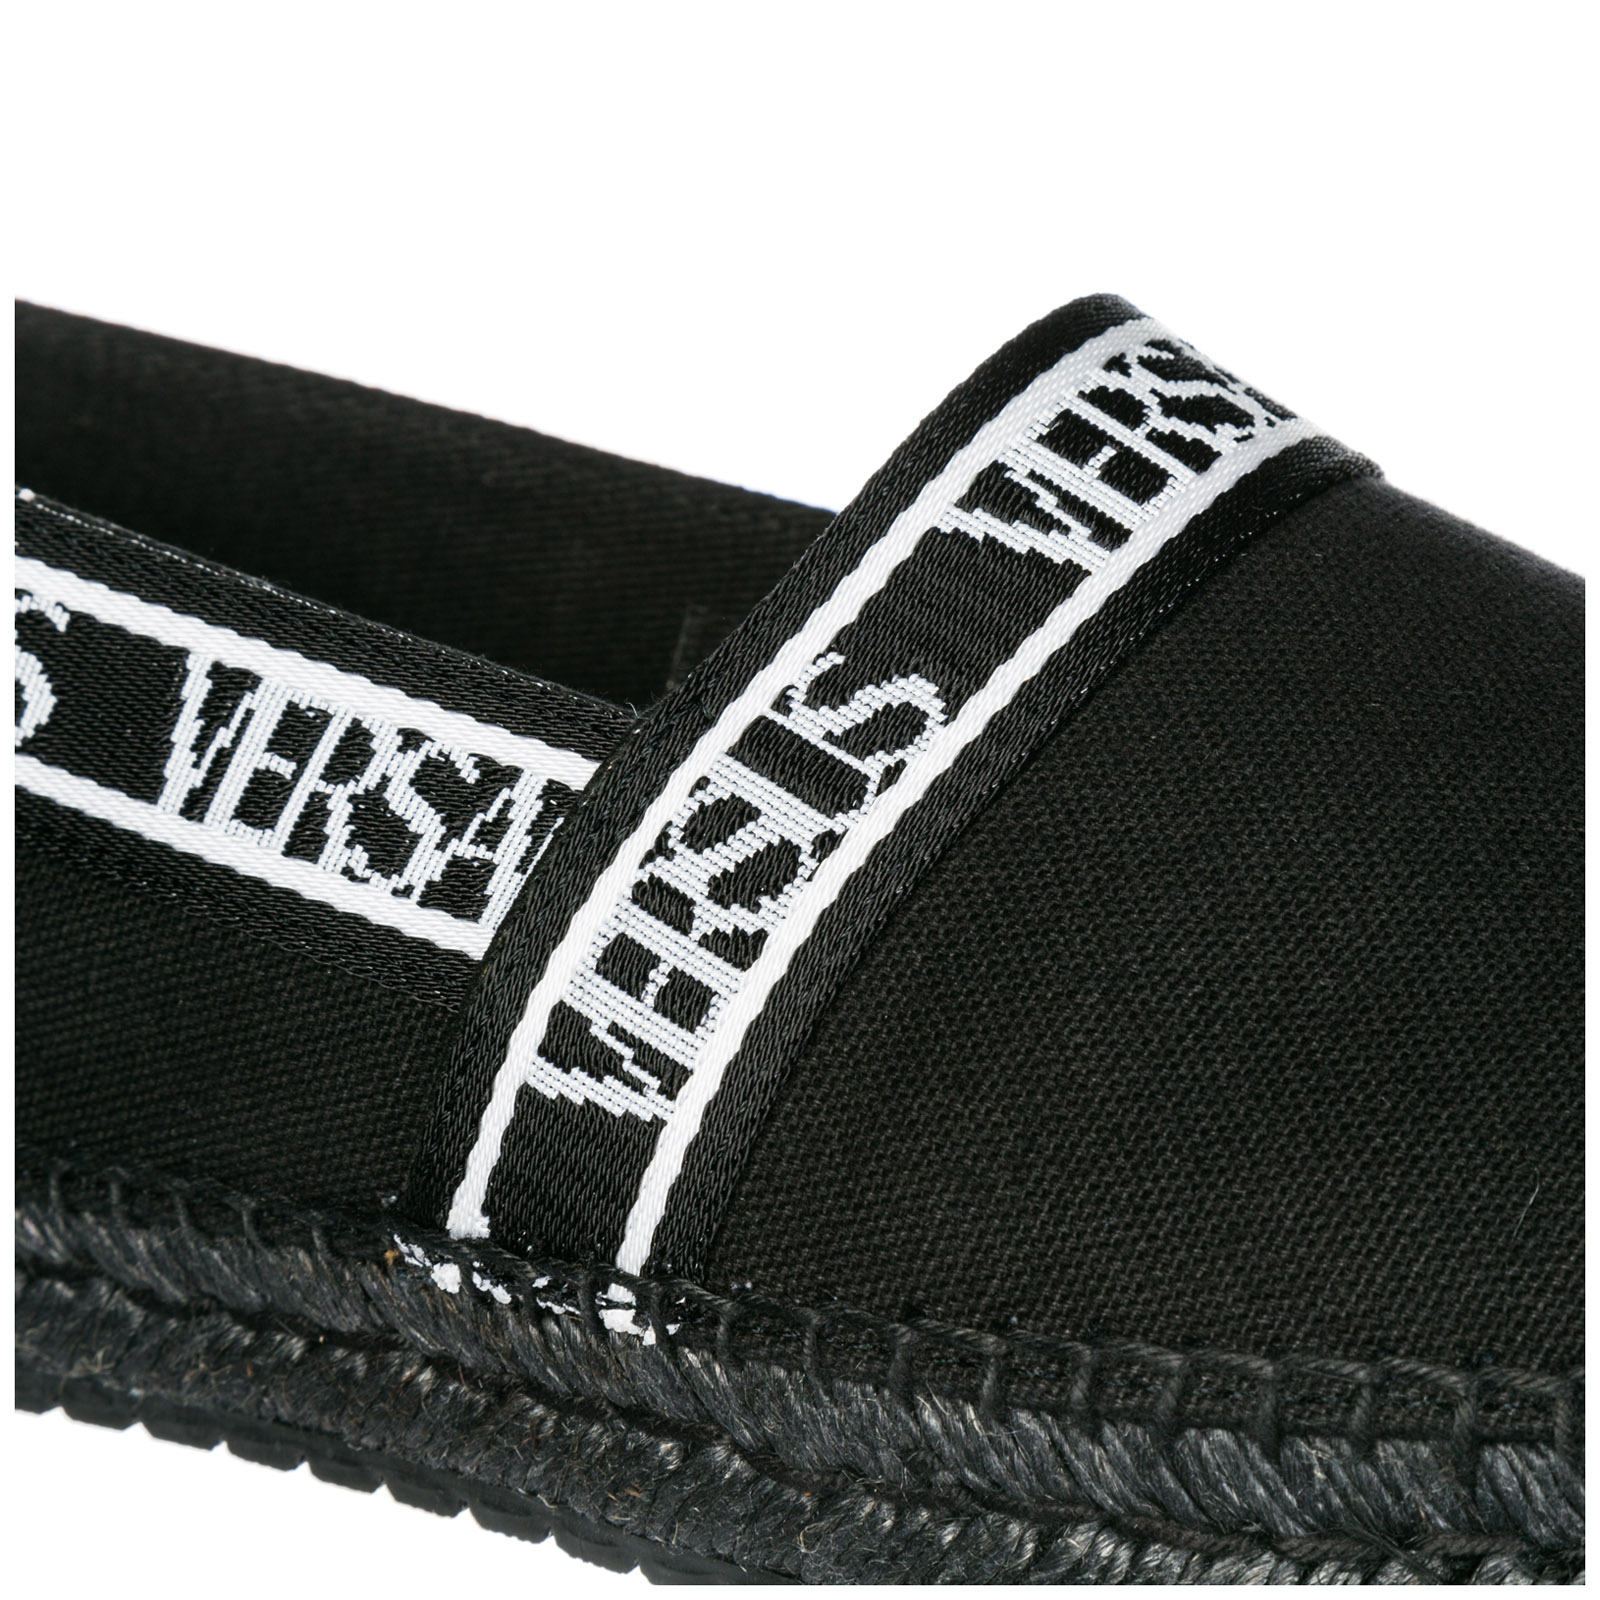 Men's cotton espadrilles slip on shoes